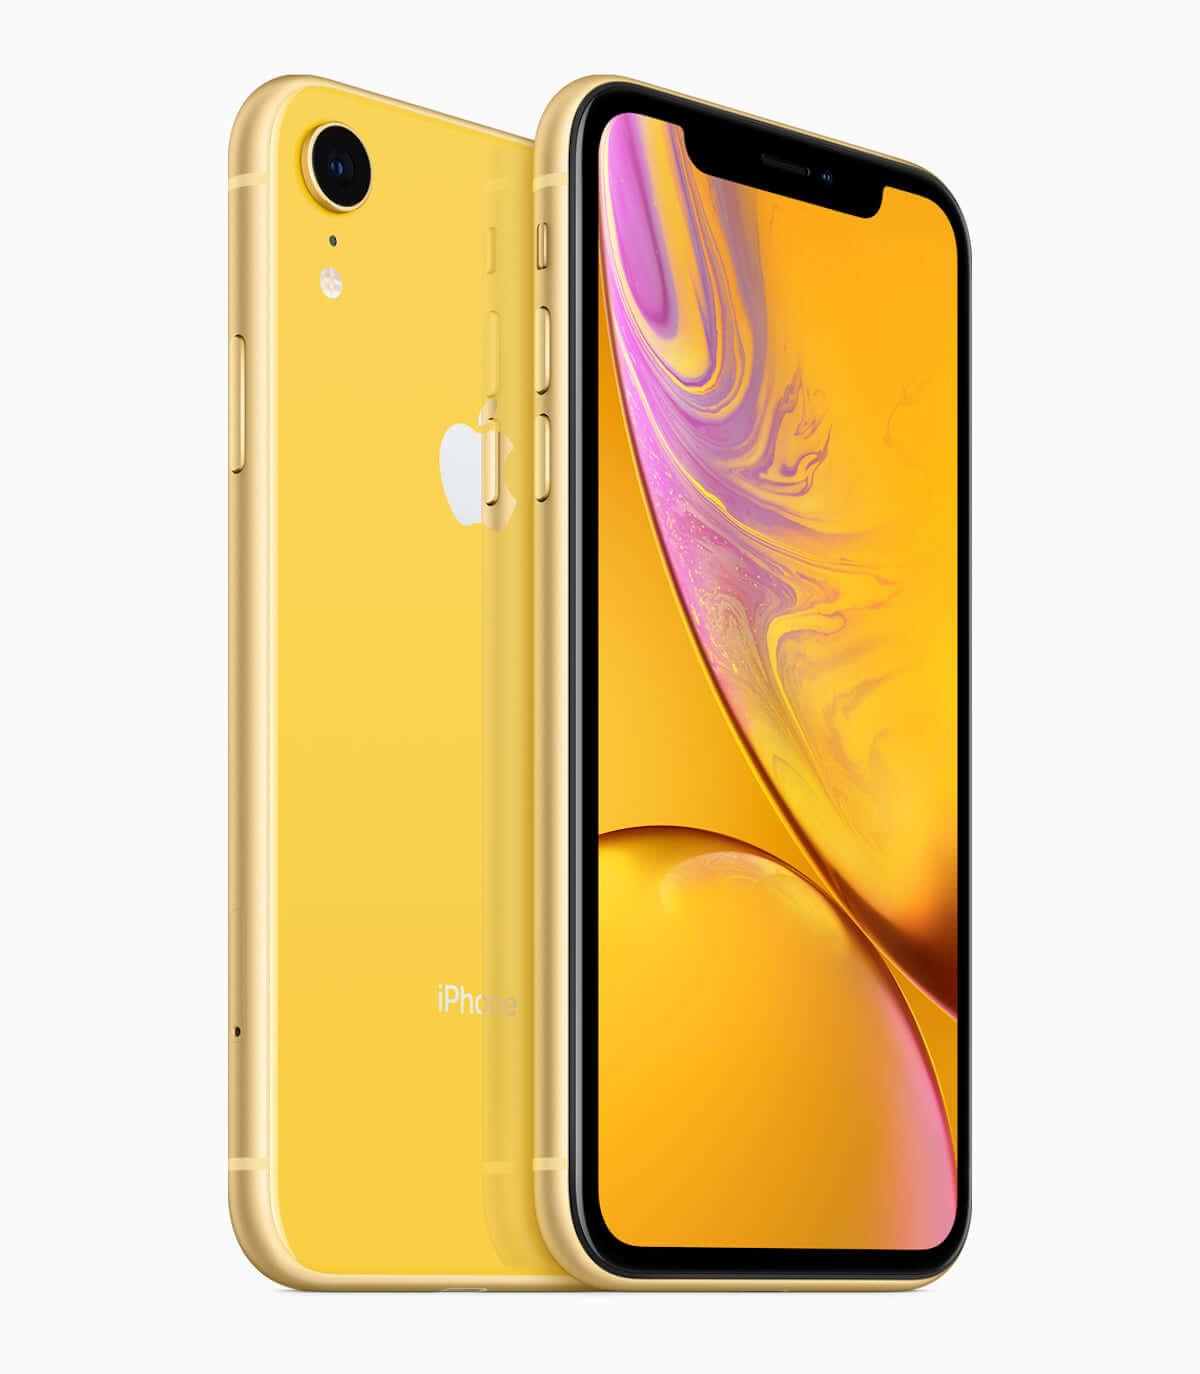 iPhone XRの店頭在庫状況。ホワイト、ブラックは在庫豊富、イエロー、ブルーは品薄? technology181022_iphone-xr_7-1200x1374